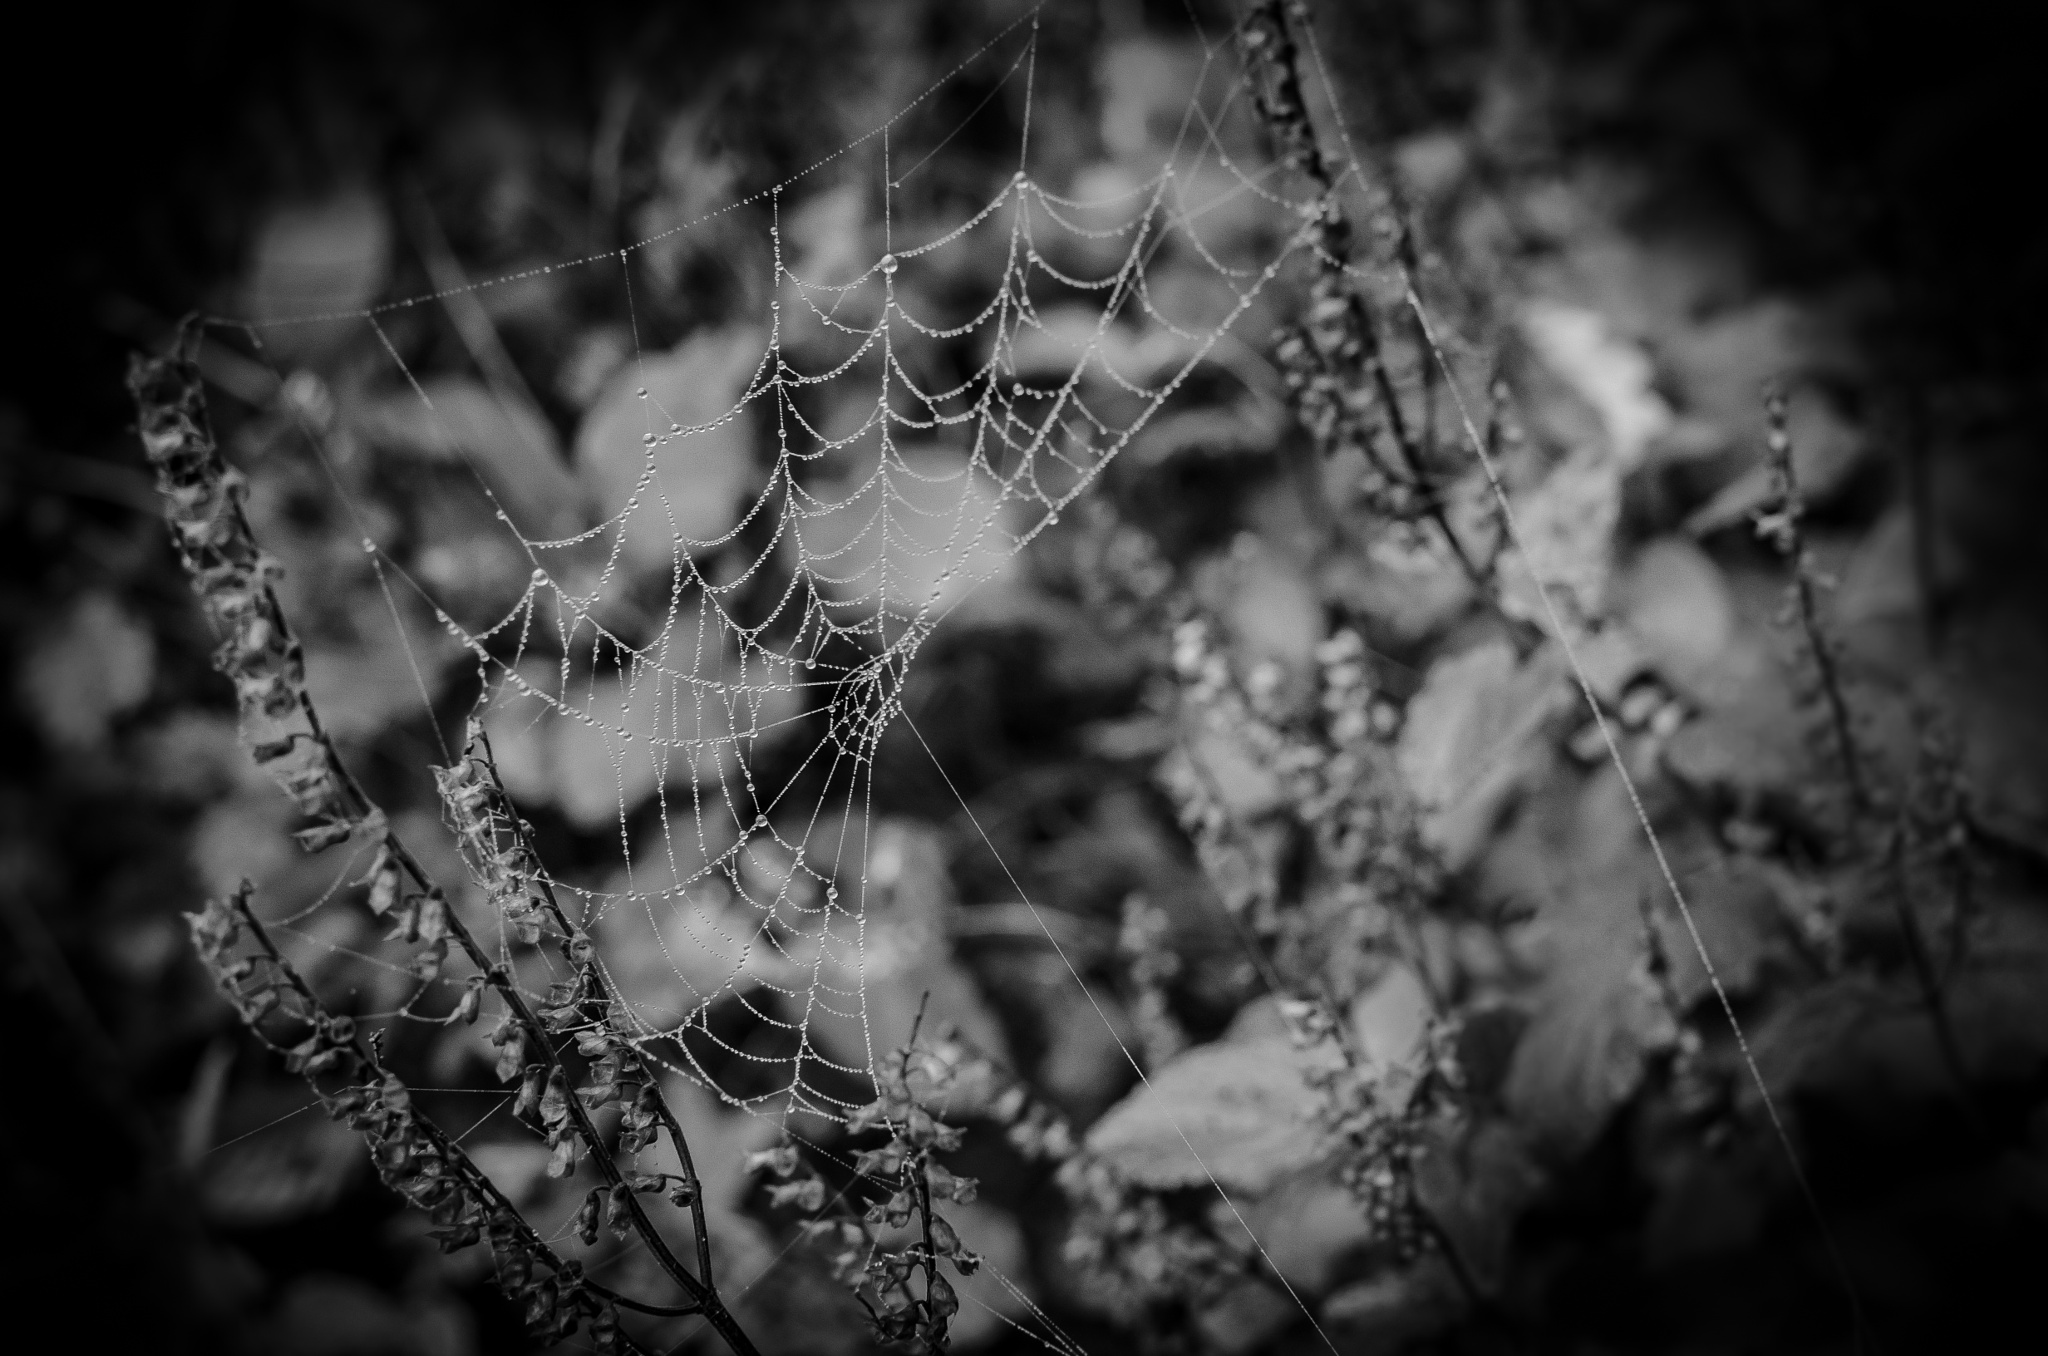 Spiderweb by oldmemorybook